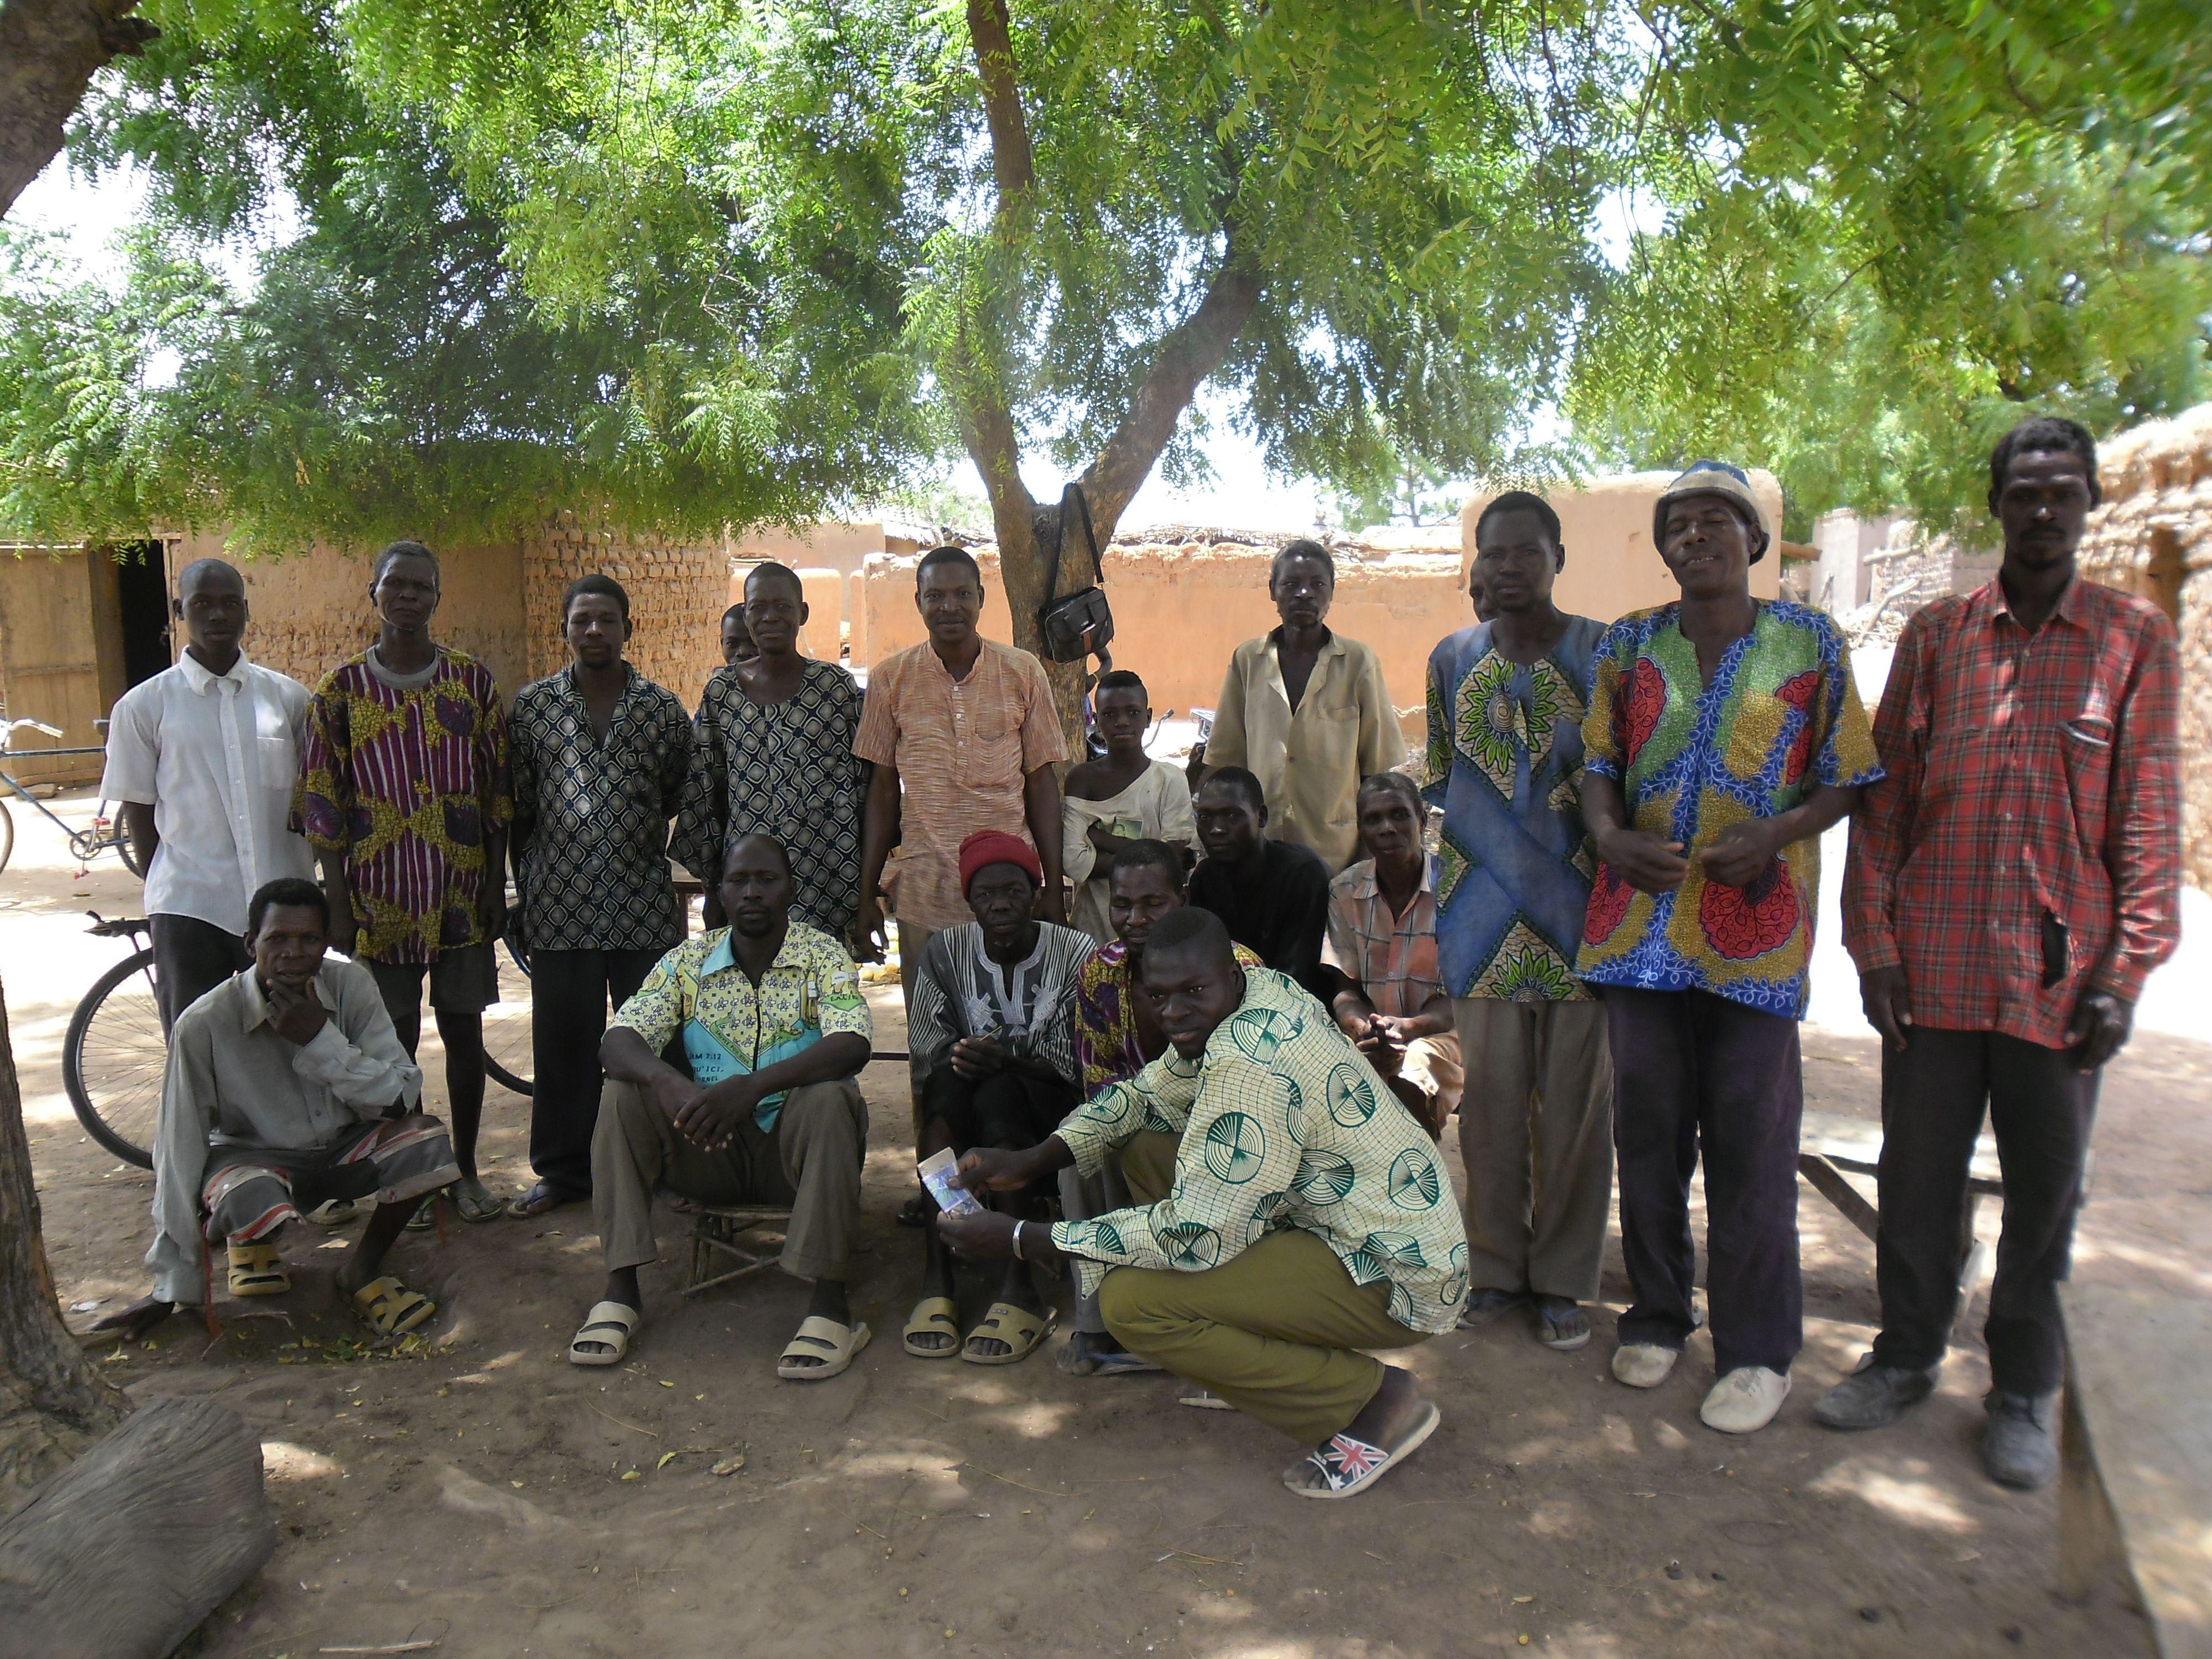 Groupement de producteur de Tirakuy (Burkina Faso)